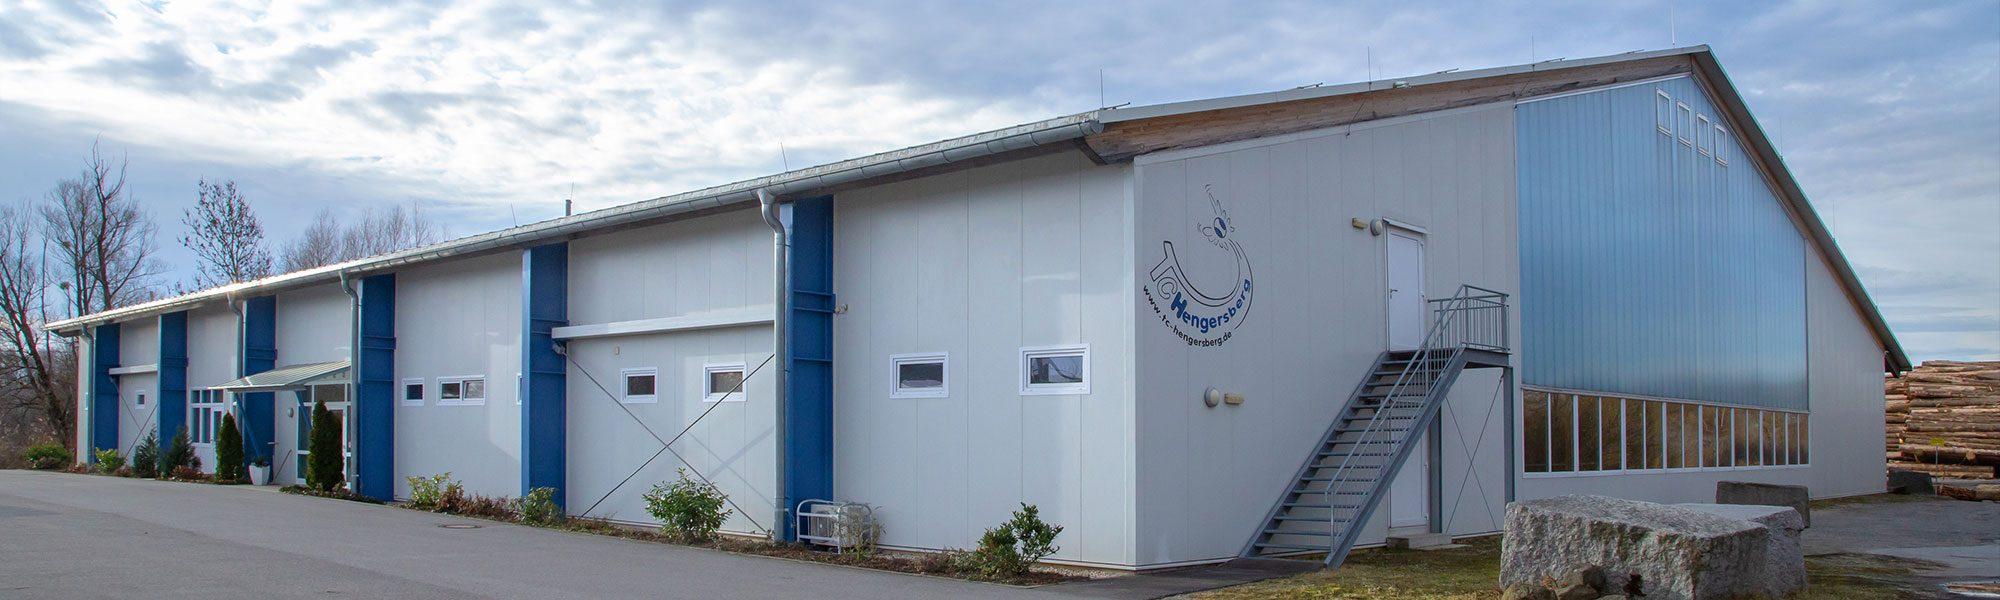 Tennishalle TC Hengersberg - Außenansicht